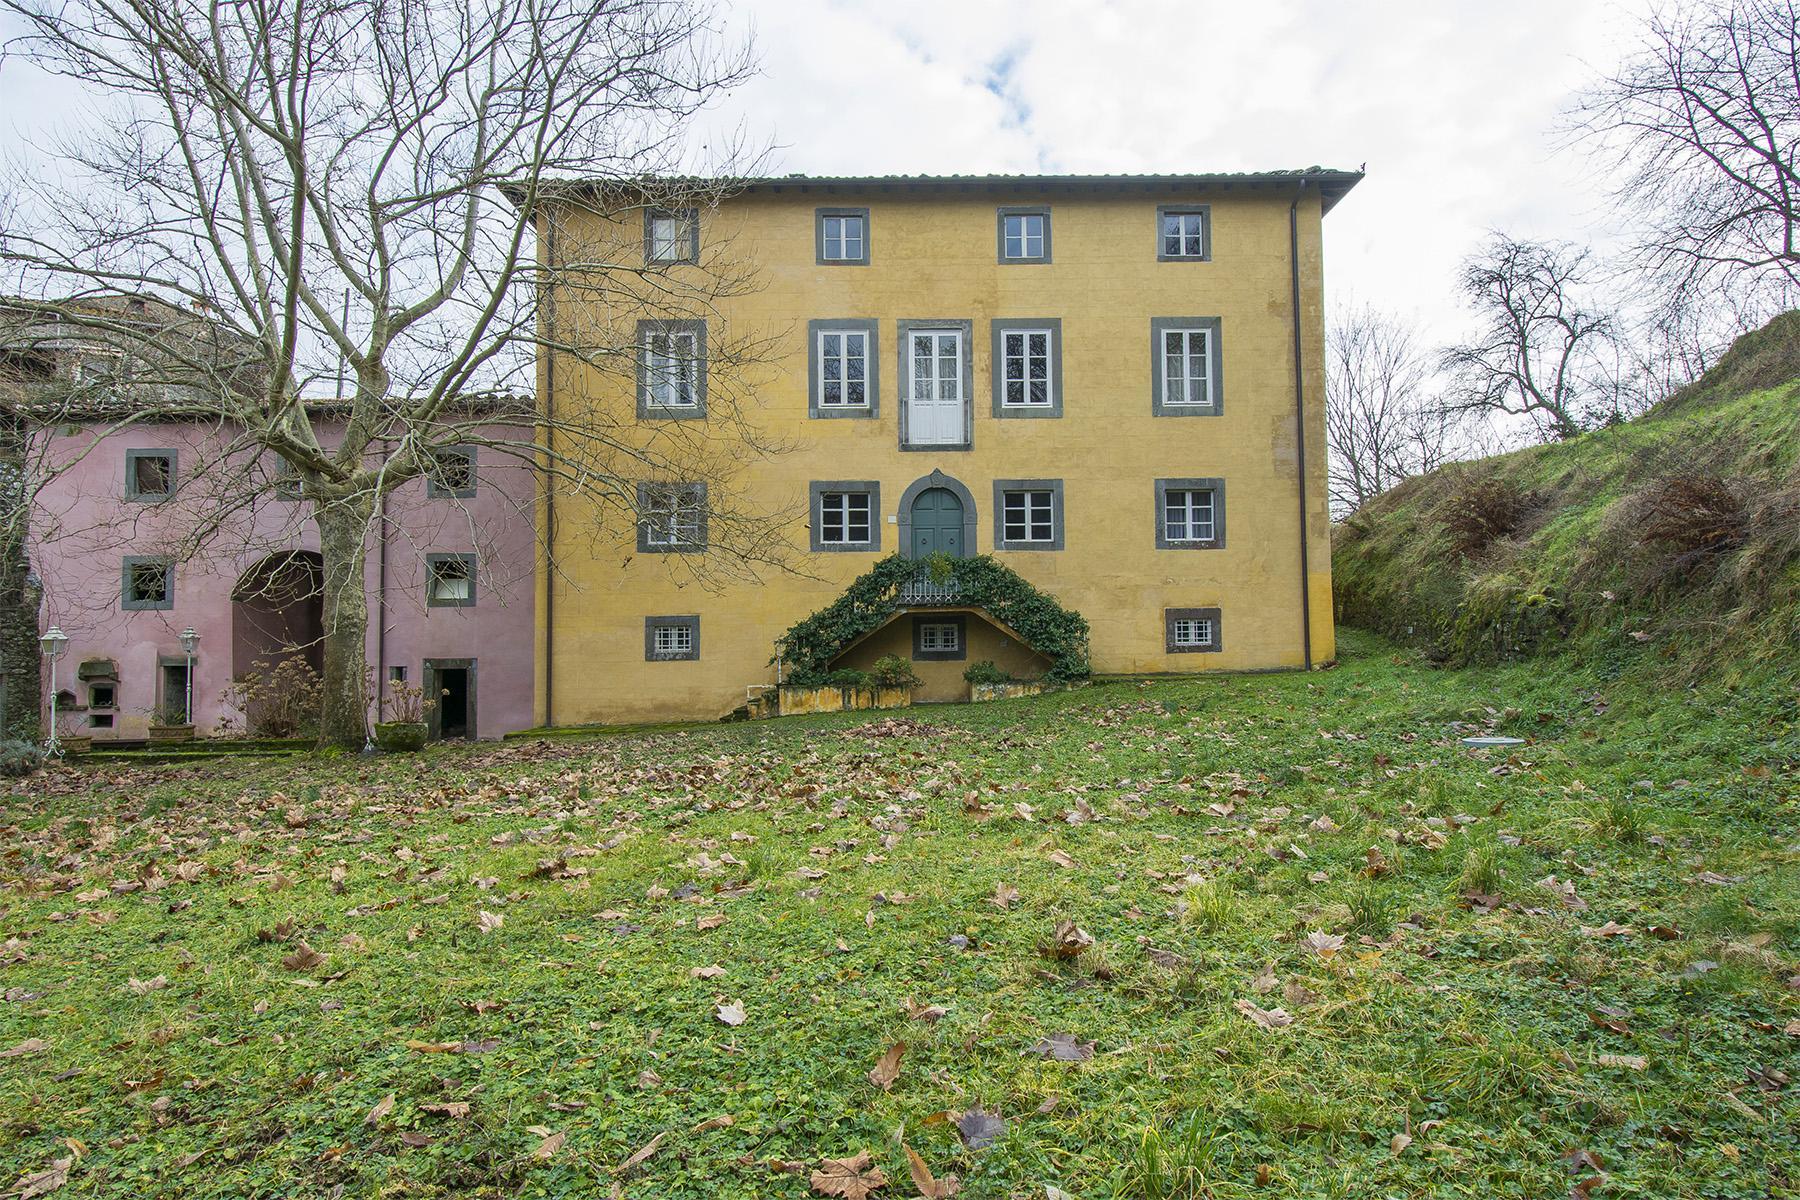 Villa historique près d'un village toscan médiéval - 23